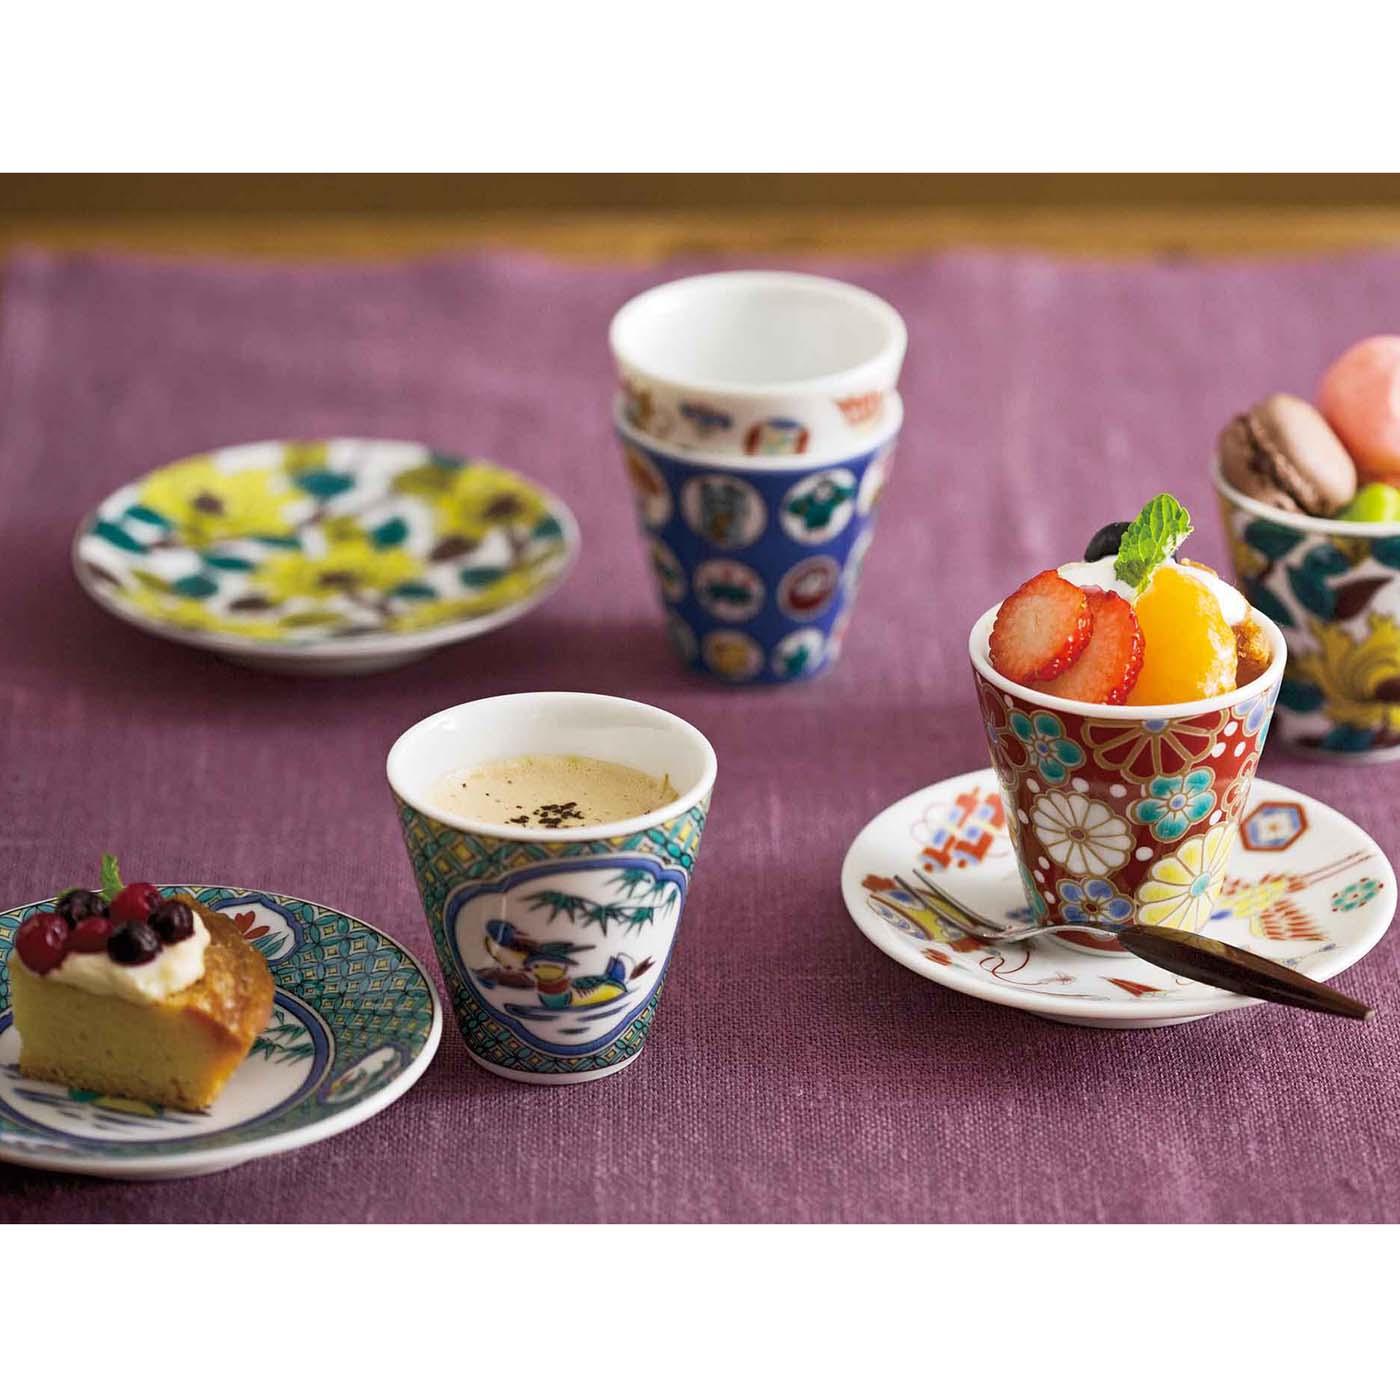 これは参考画像です。 小さめカップの受け皿にしたり、お菓子をのせておもてなしに。